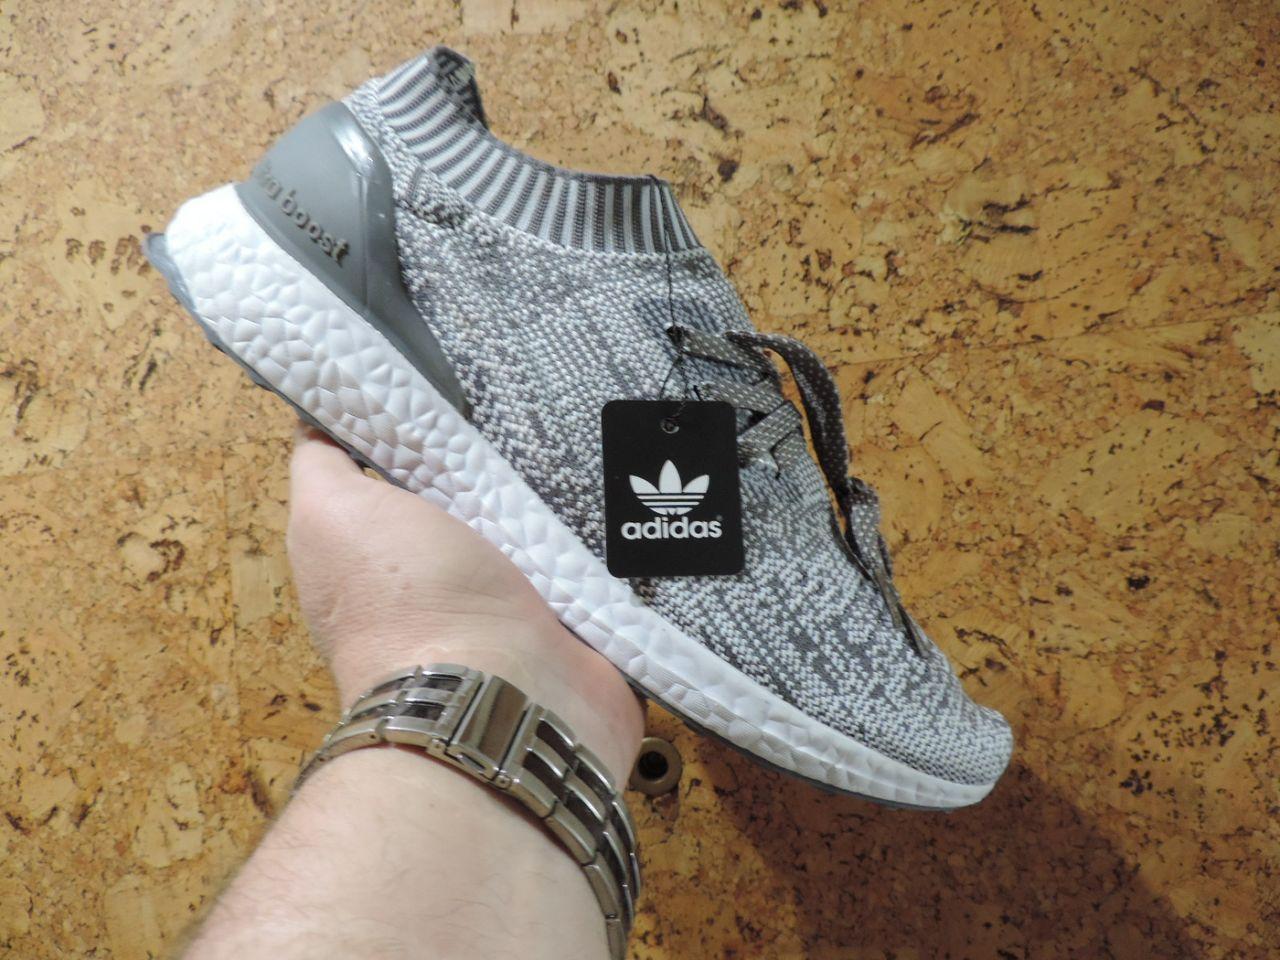 6a4fd30d Адидас · Мужские кроссовки беговые - Adidas Ultra Boost. Лицензионное  производство Demax (Румыния).